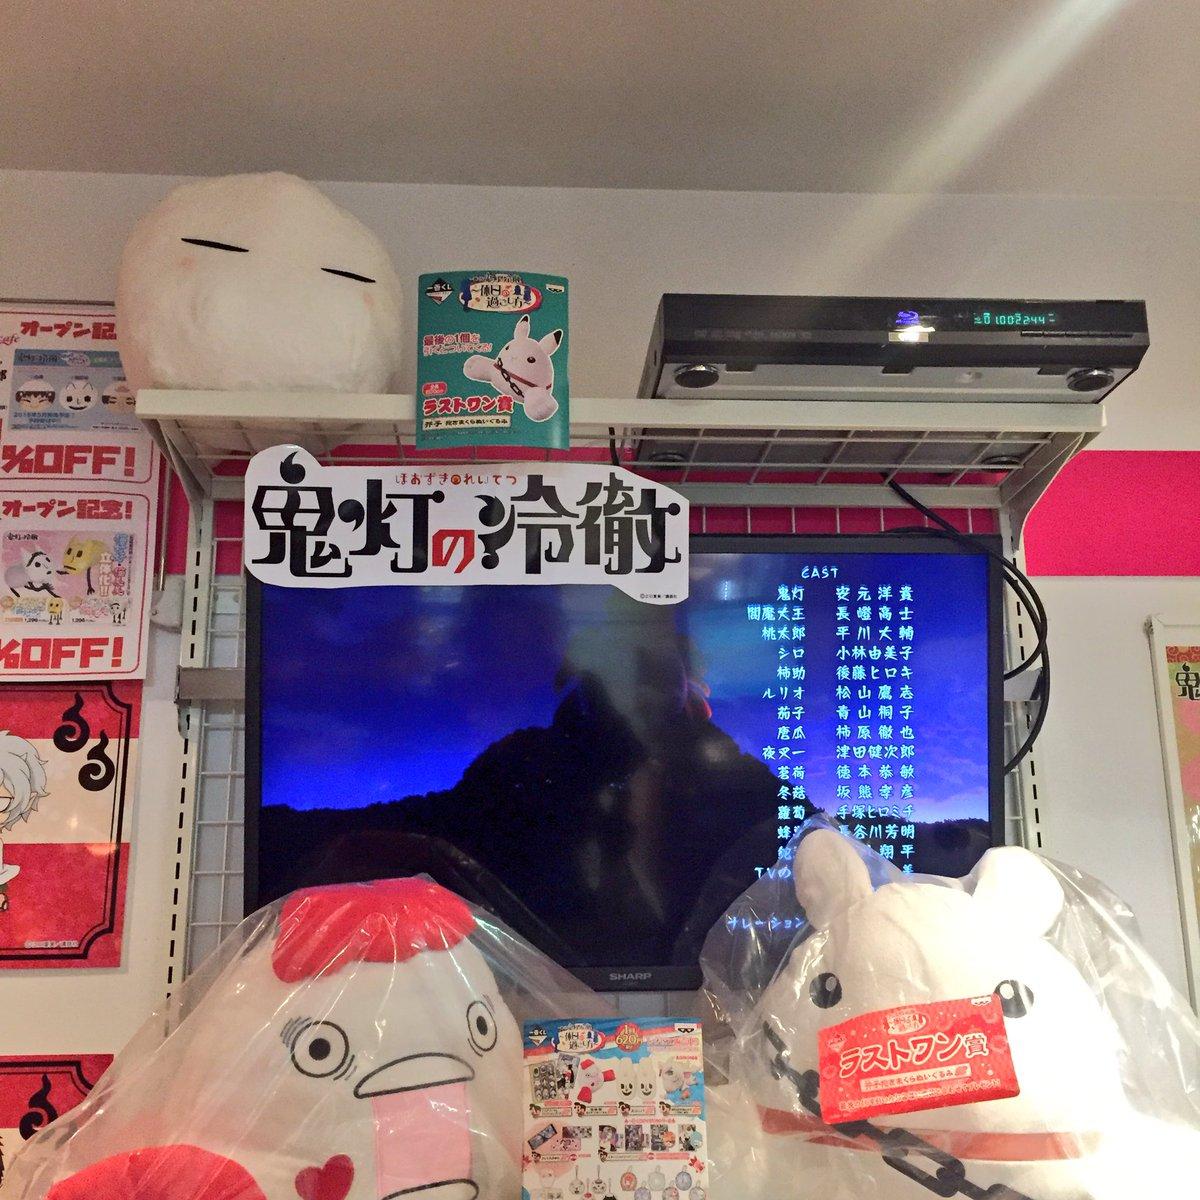 あと町田のアニメガカフェ、懐かしい鬼灯の一番くじもやってるんだけど(当時、猫好好ちゃんのスリッパちょっと欲しかったよねー